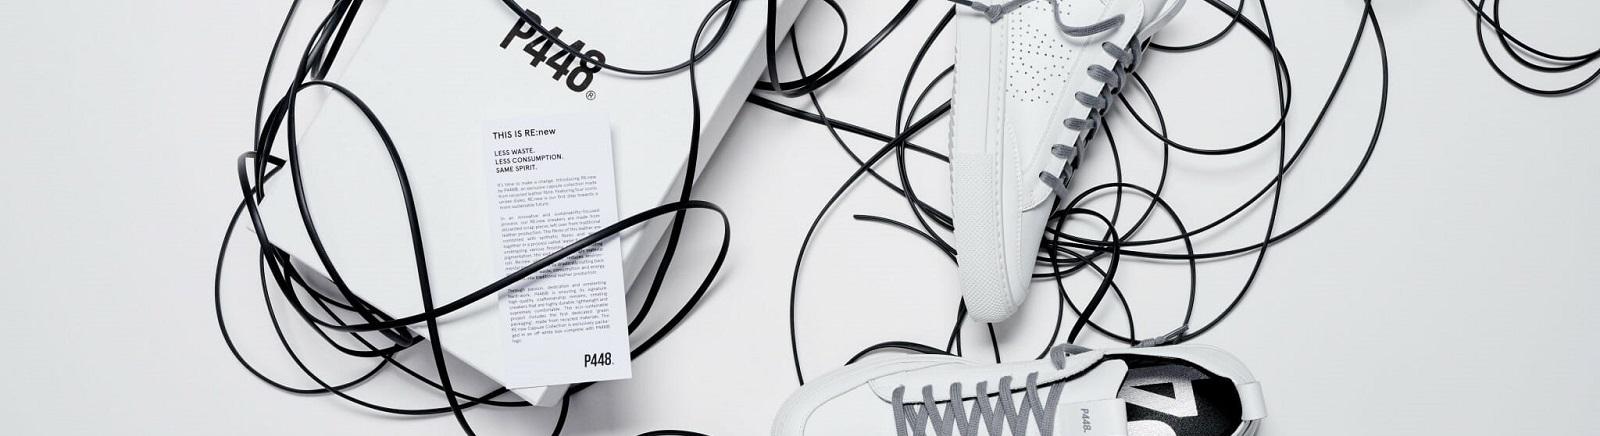 P448 Markenschuhe online kaufen im Shop von GISY